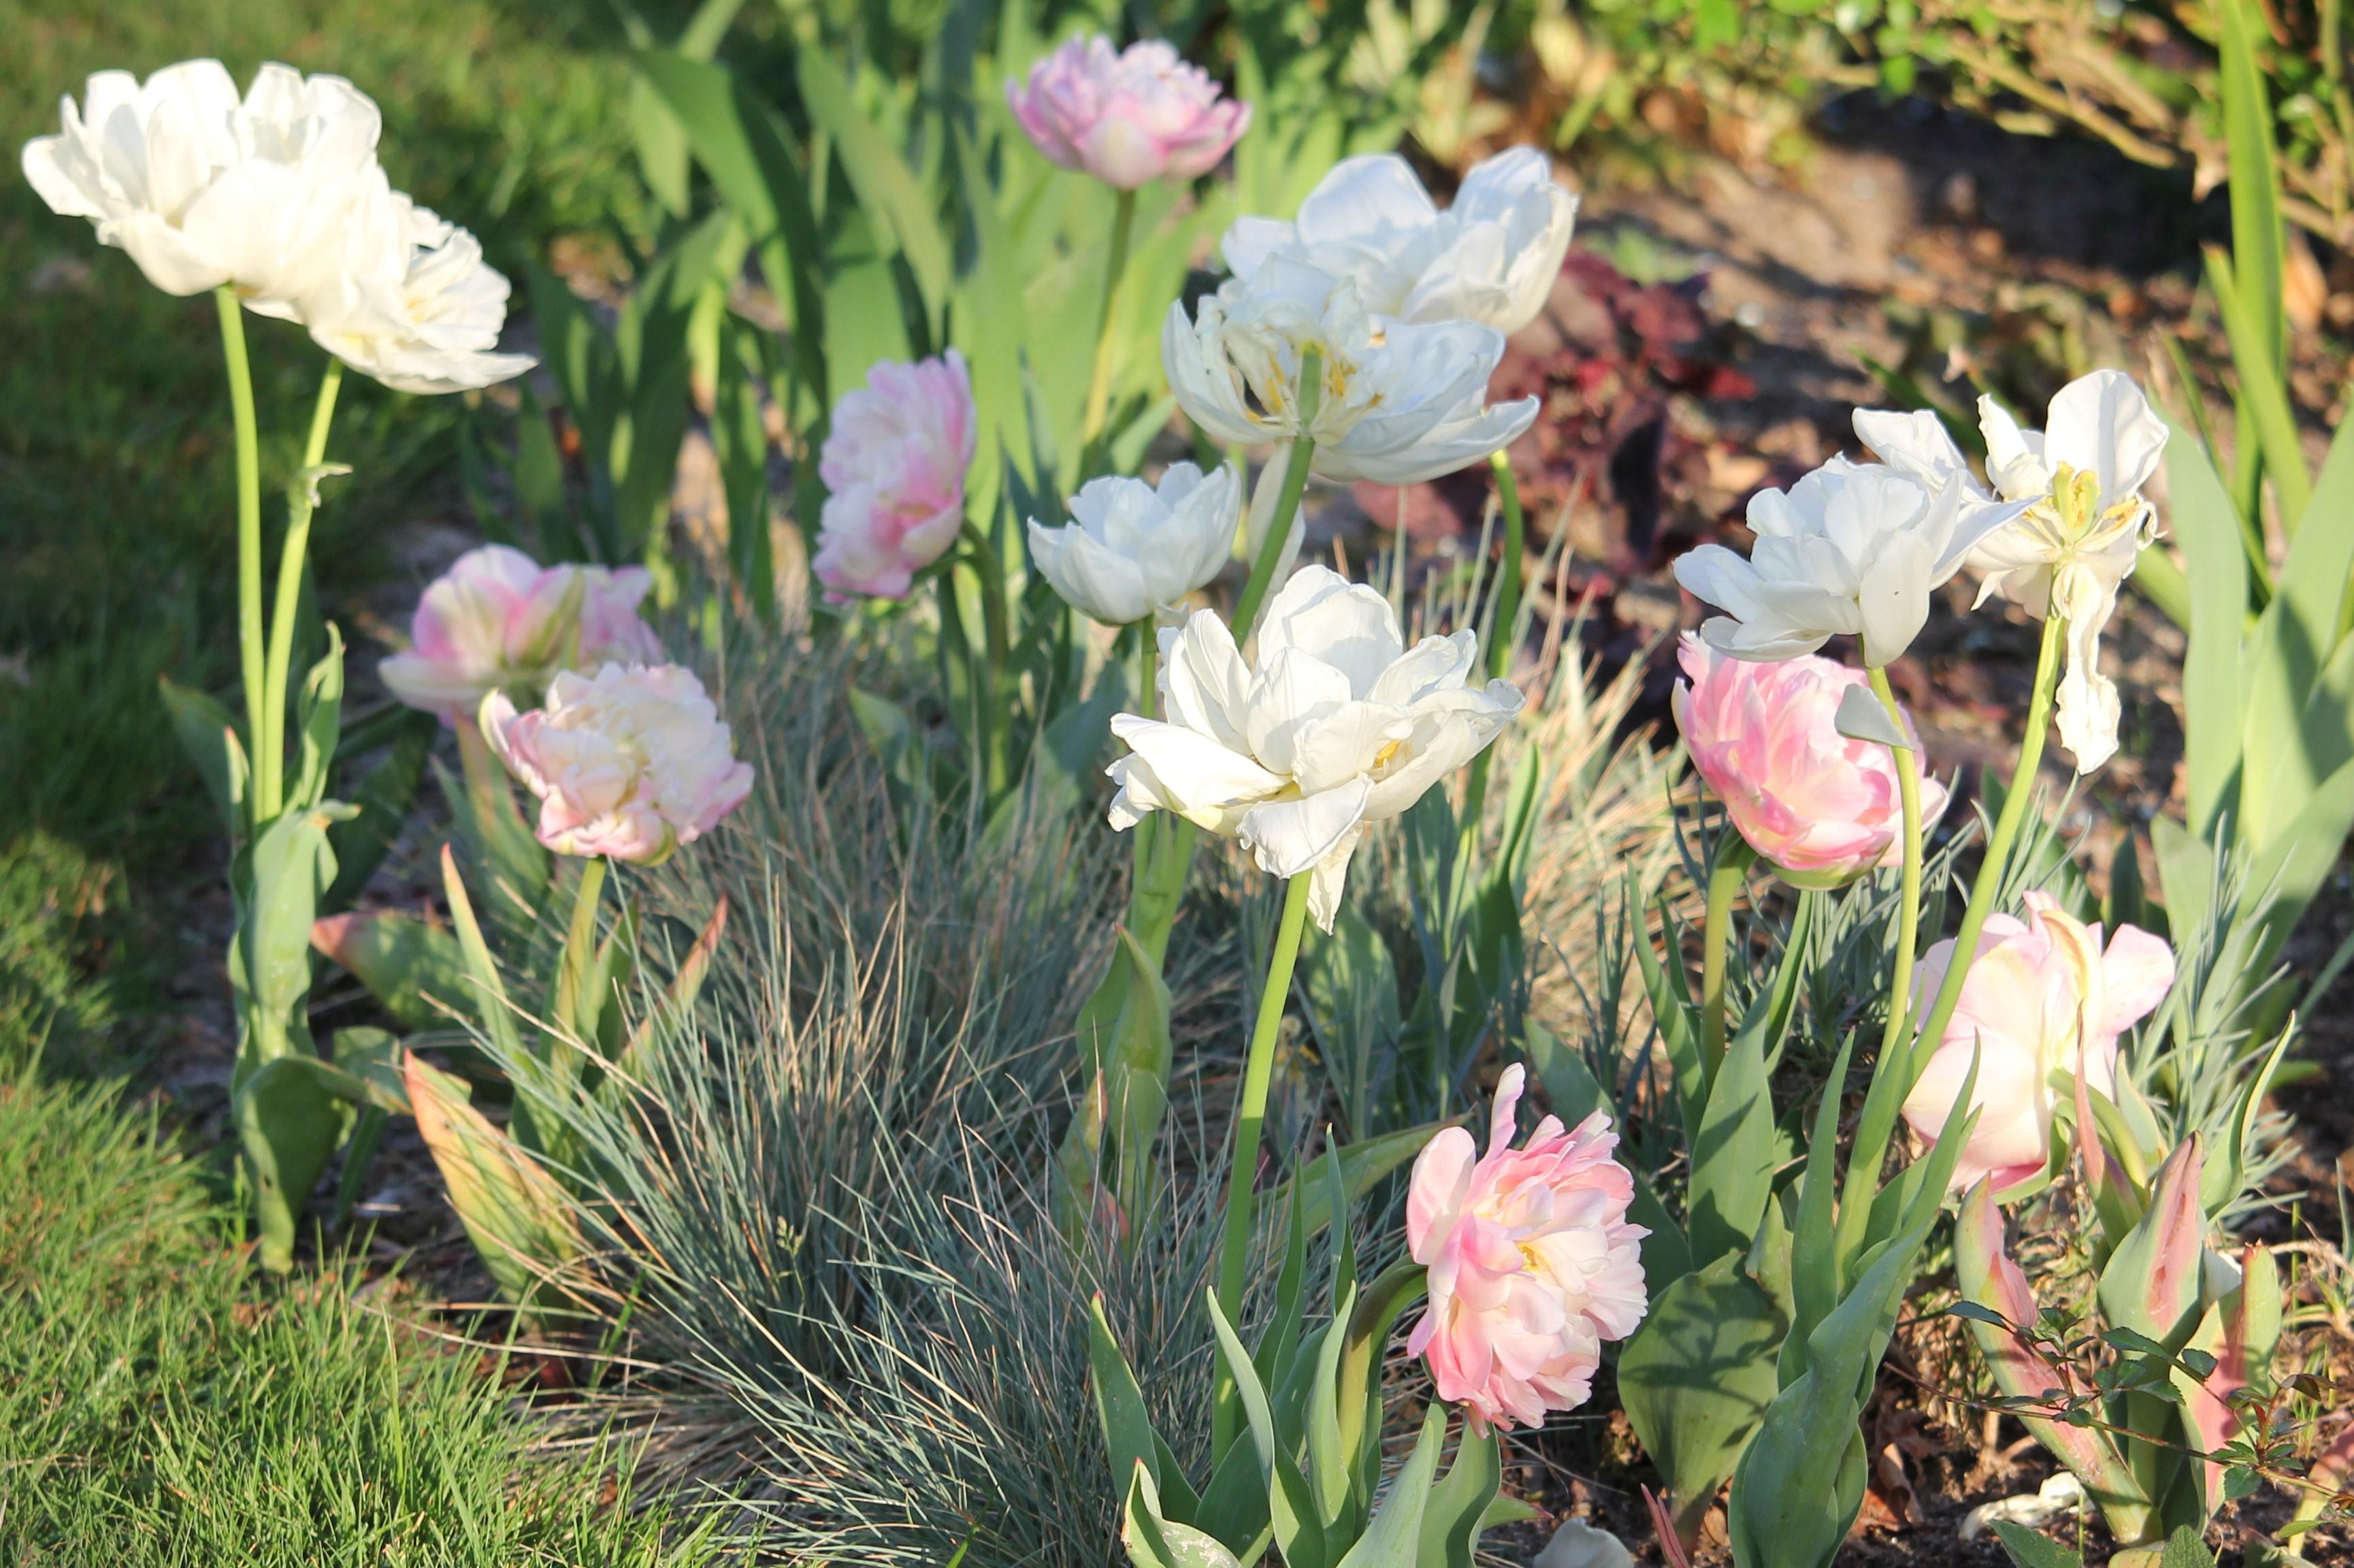 Tulipes doubles blanches et roses sur tapis de fétuques bleues